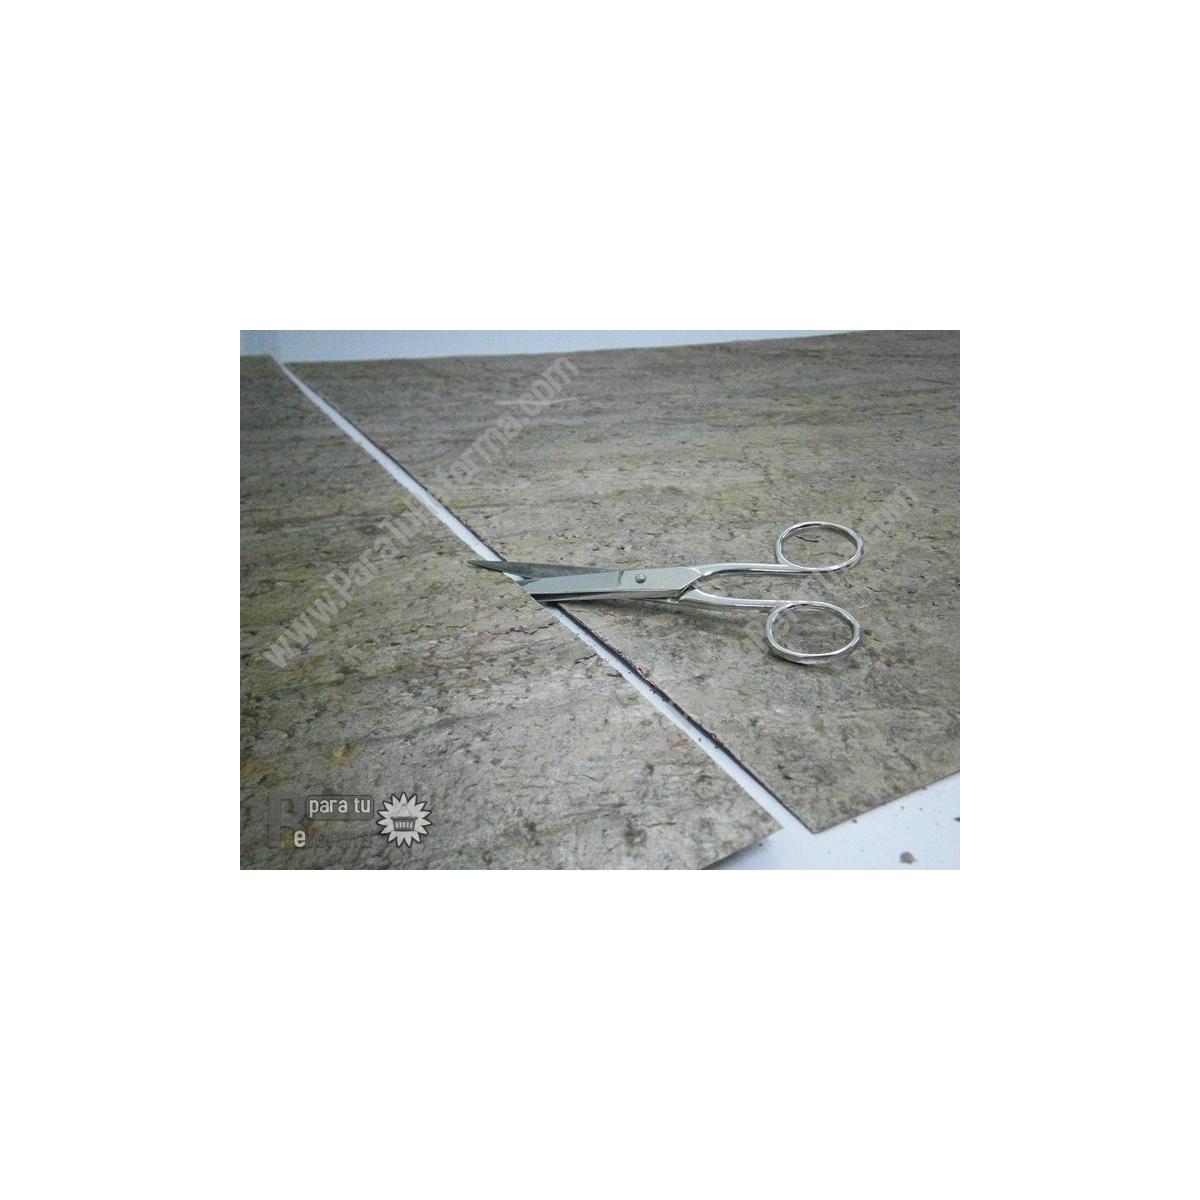 Pizarra natural flexible FS6009 / FT3009 (ud) Revestimiento con Pizarra natural flexible 0